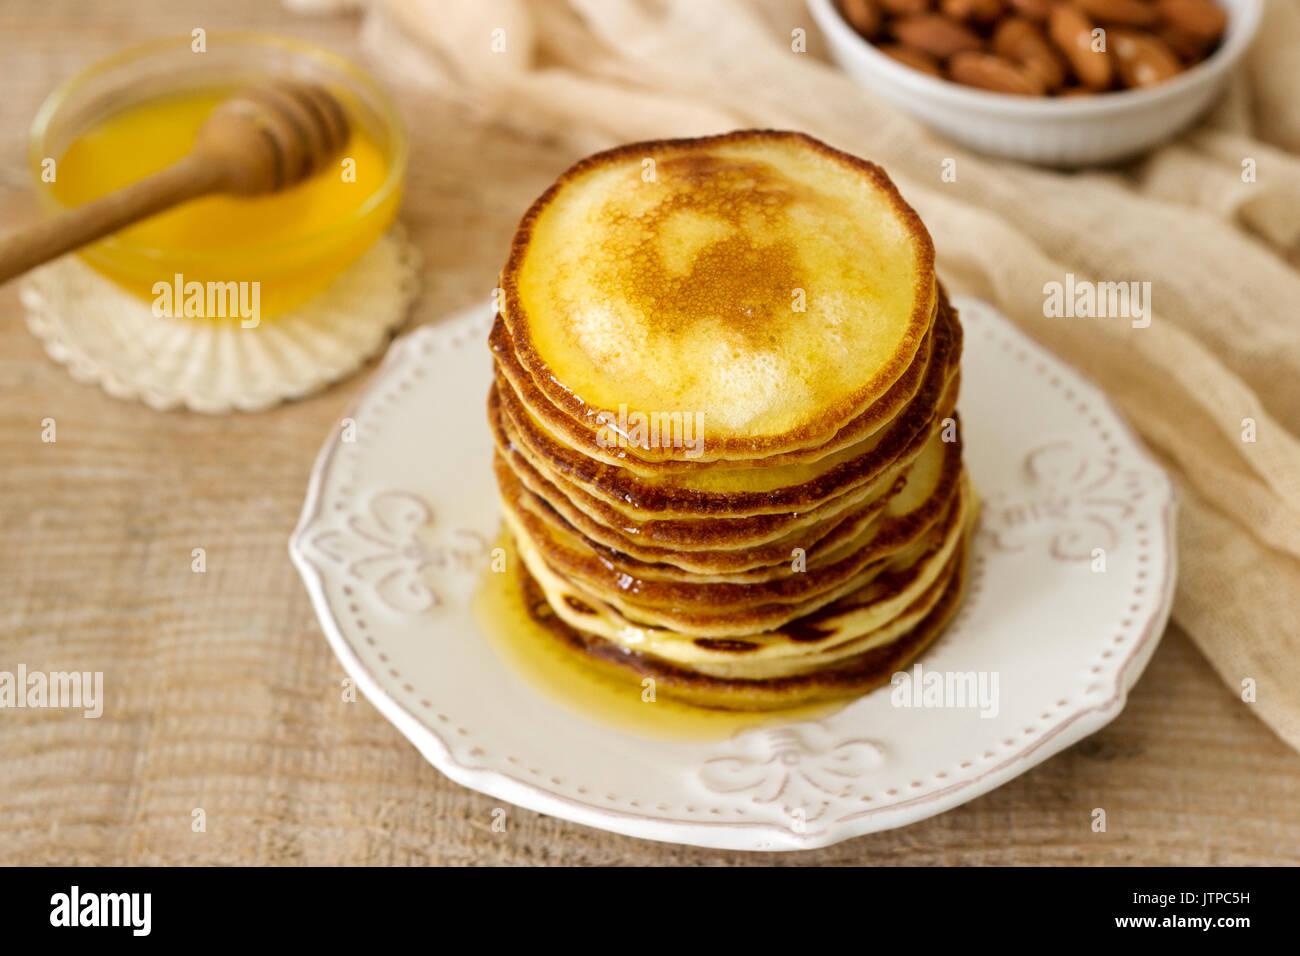 Frittelle fatte in casa con miele e noci, prima colazione. Immagini Stock